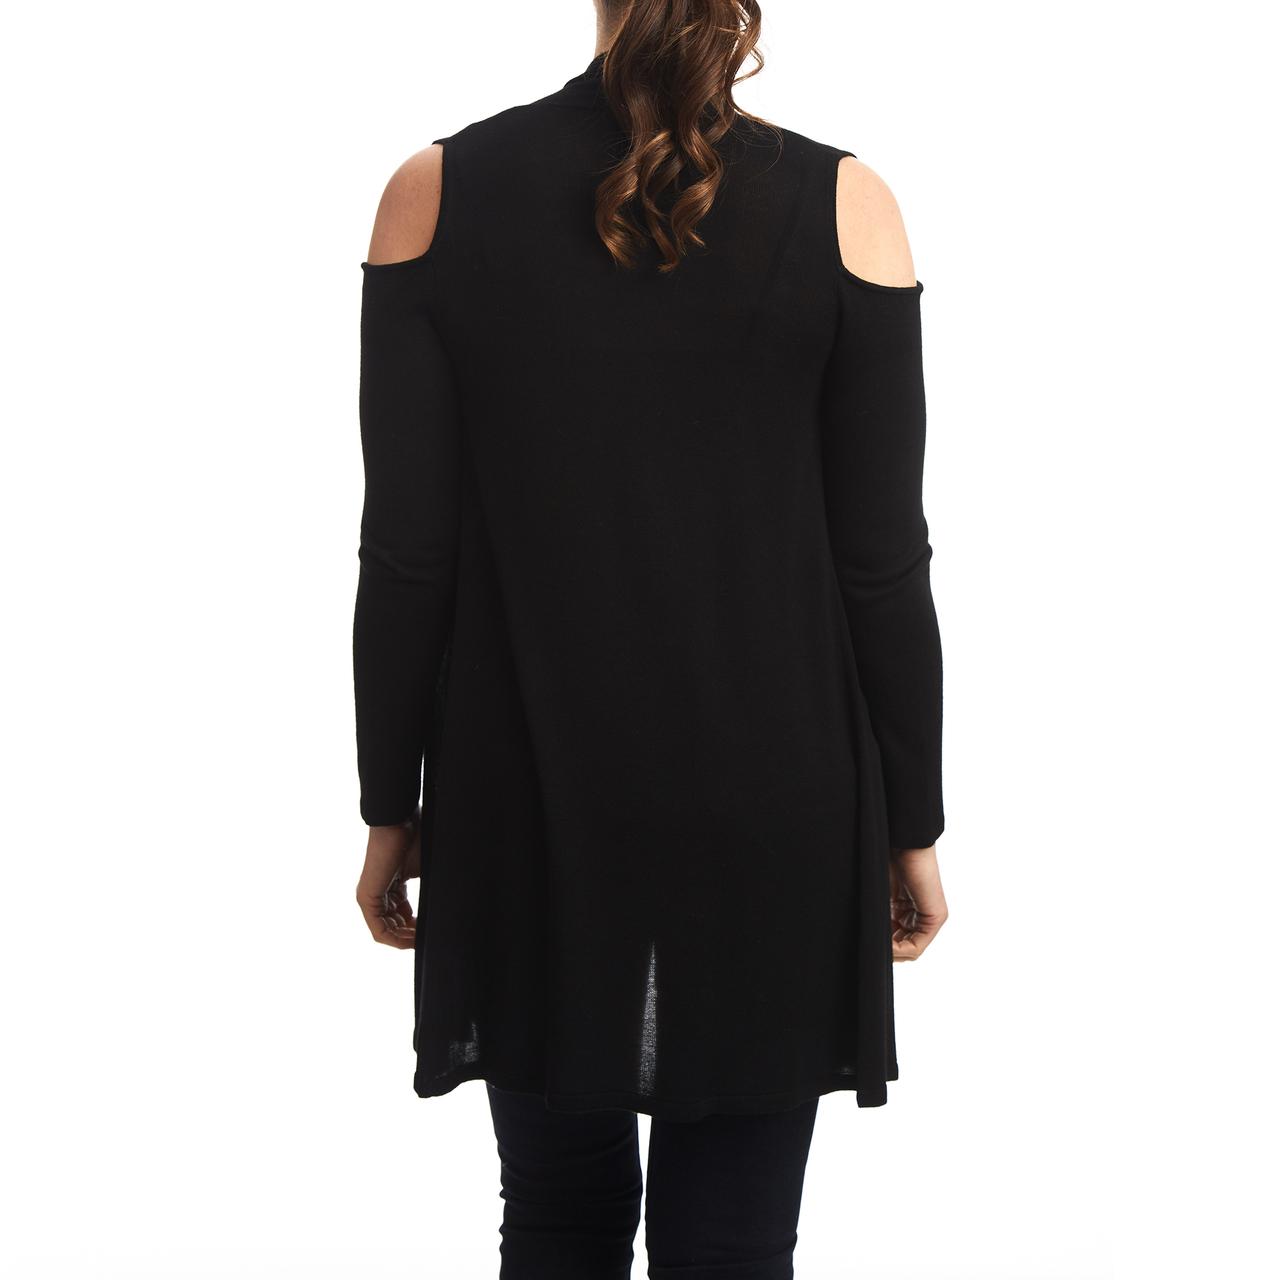 Drapefront Cold Shoulder Cardigan in Black